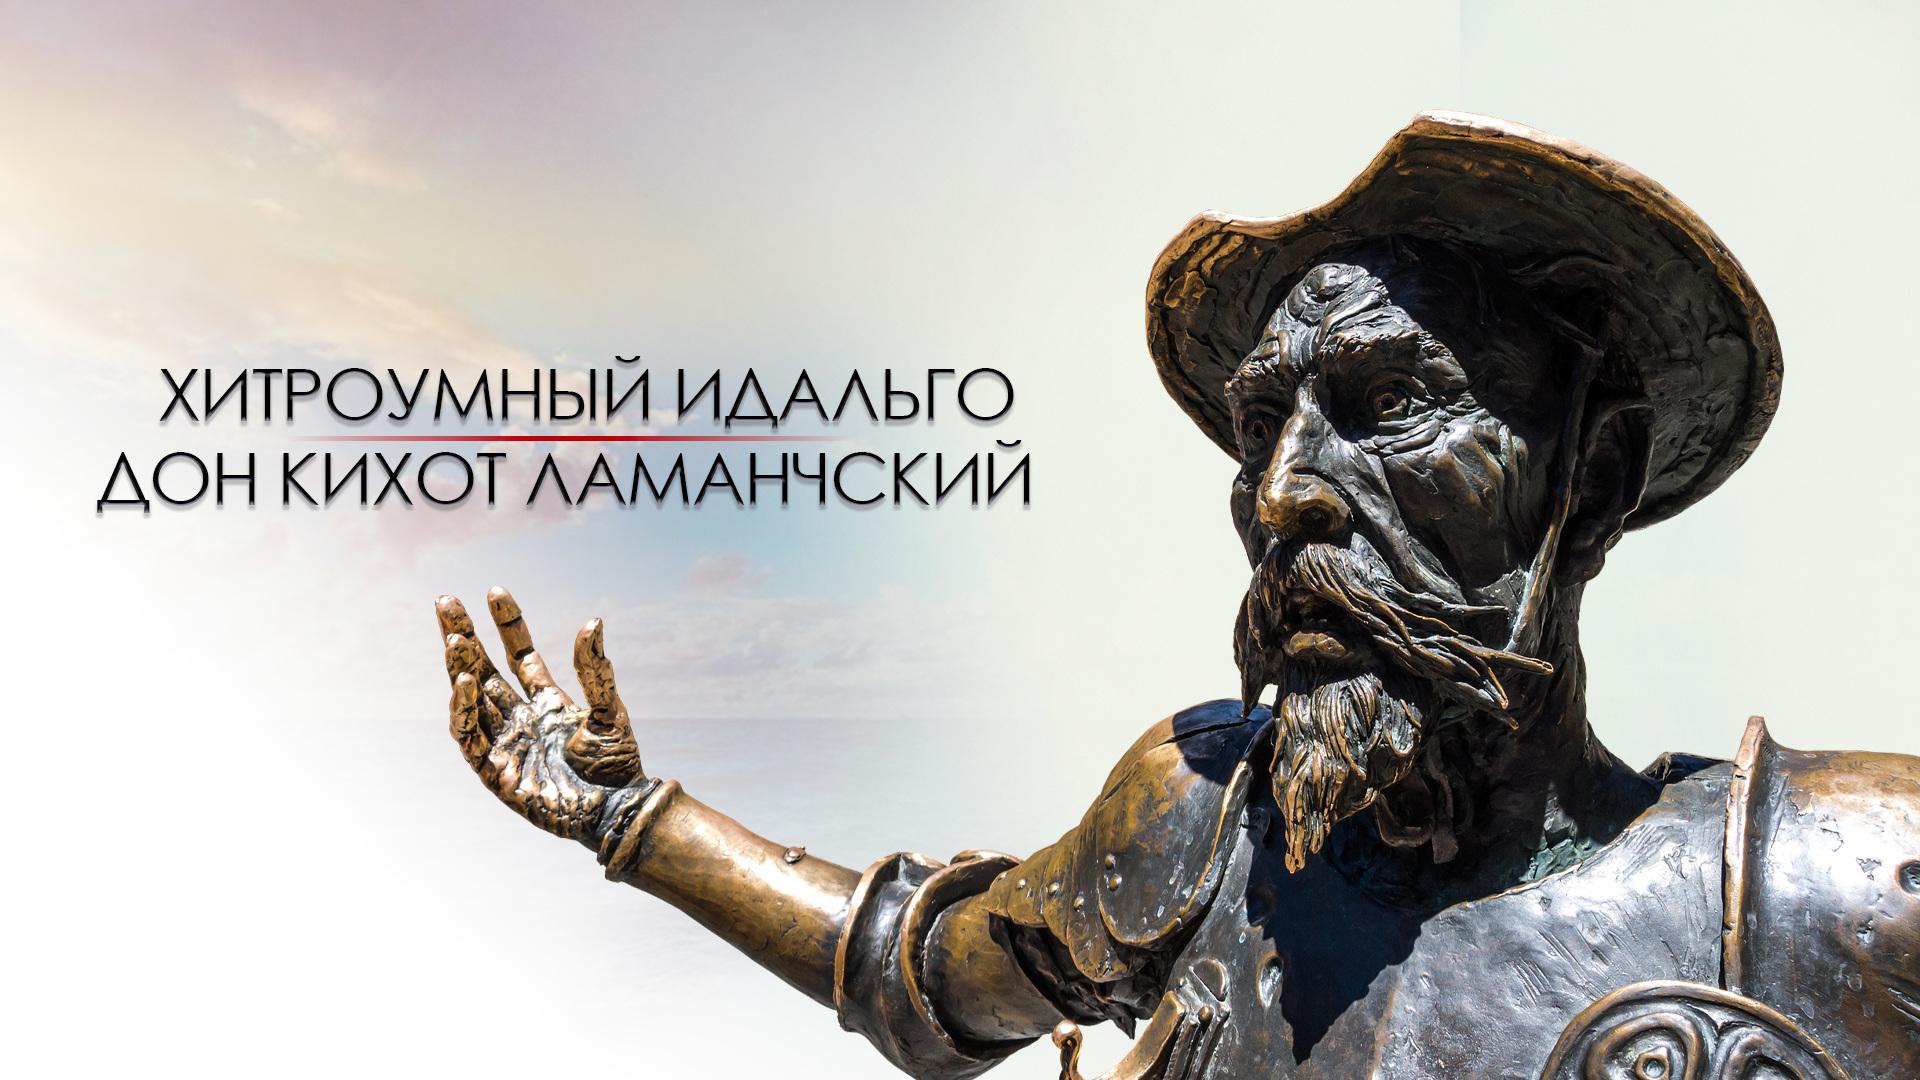 Хитроумный идальго Дон Кихот Ламанчский. Радиоспектакль